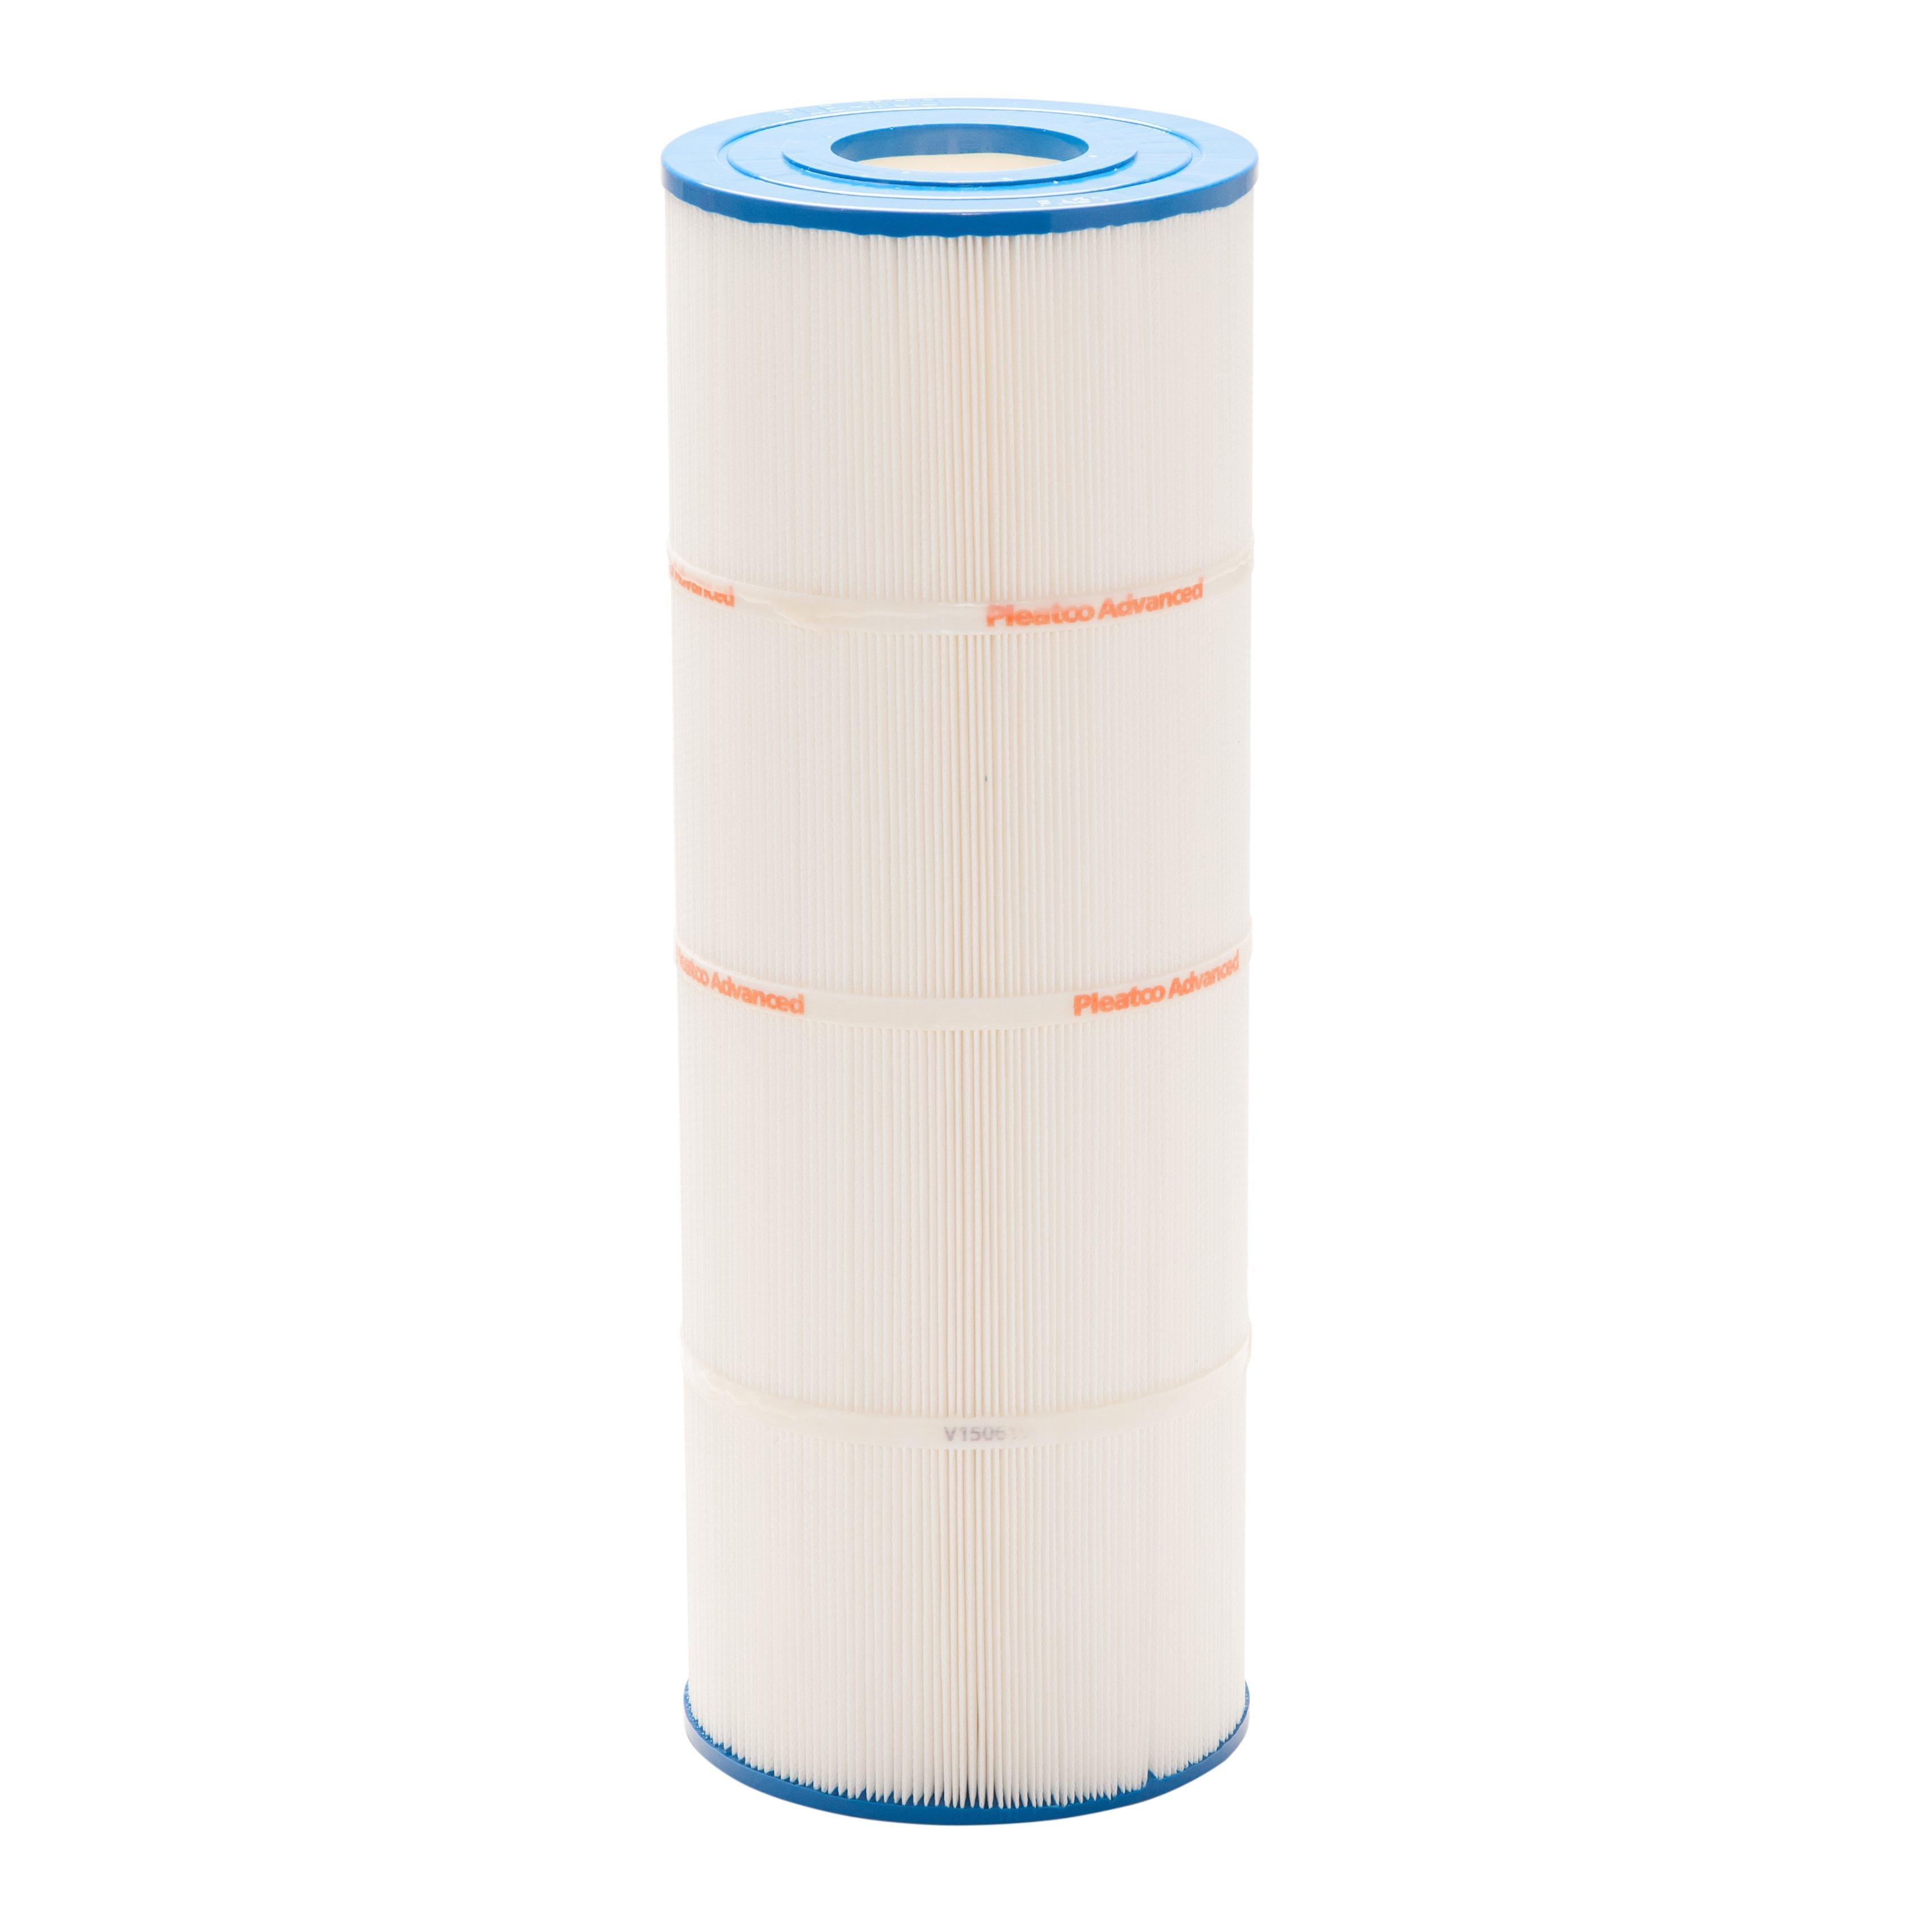 Pool Filter Cartridge For Hayward Swimclear C 3025 Open Wmolded Gasket